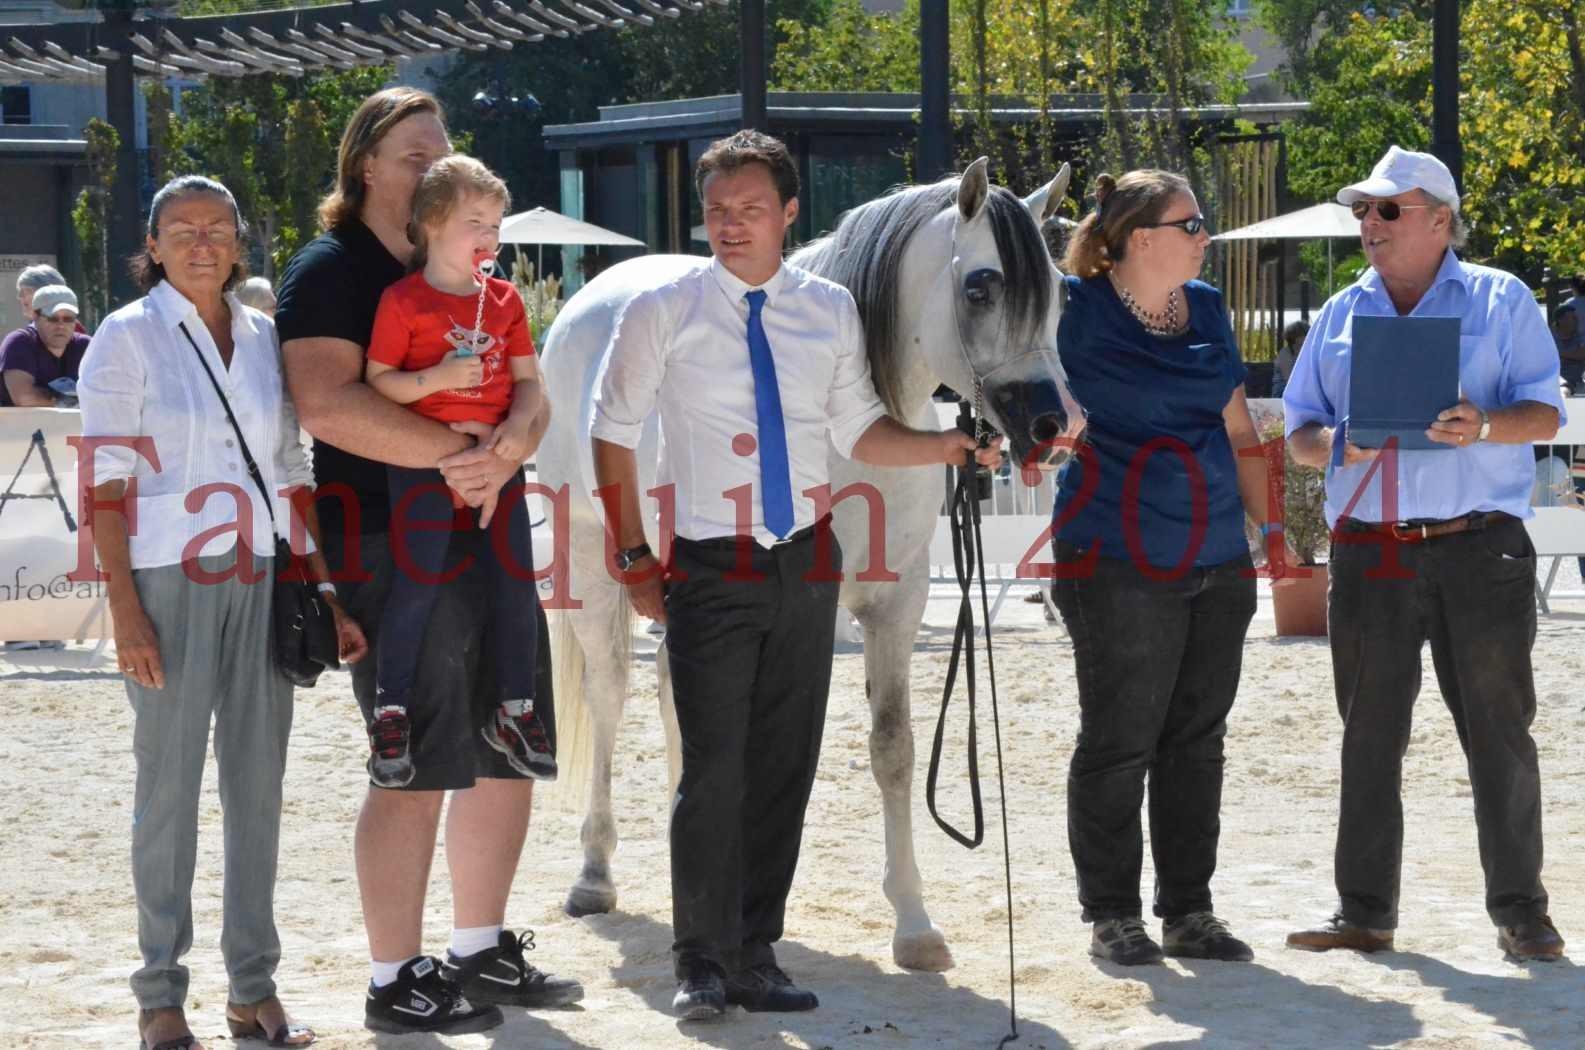 Concours National de Nîmes de chevaux ARABES 2014 - Sélection - SHAOLIN DE NEDJAIA - 91